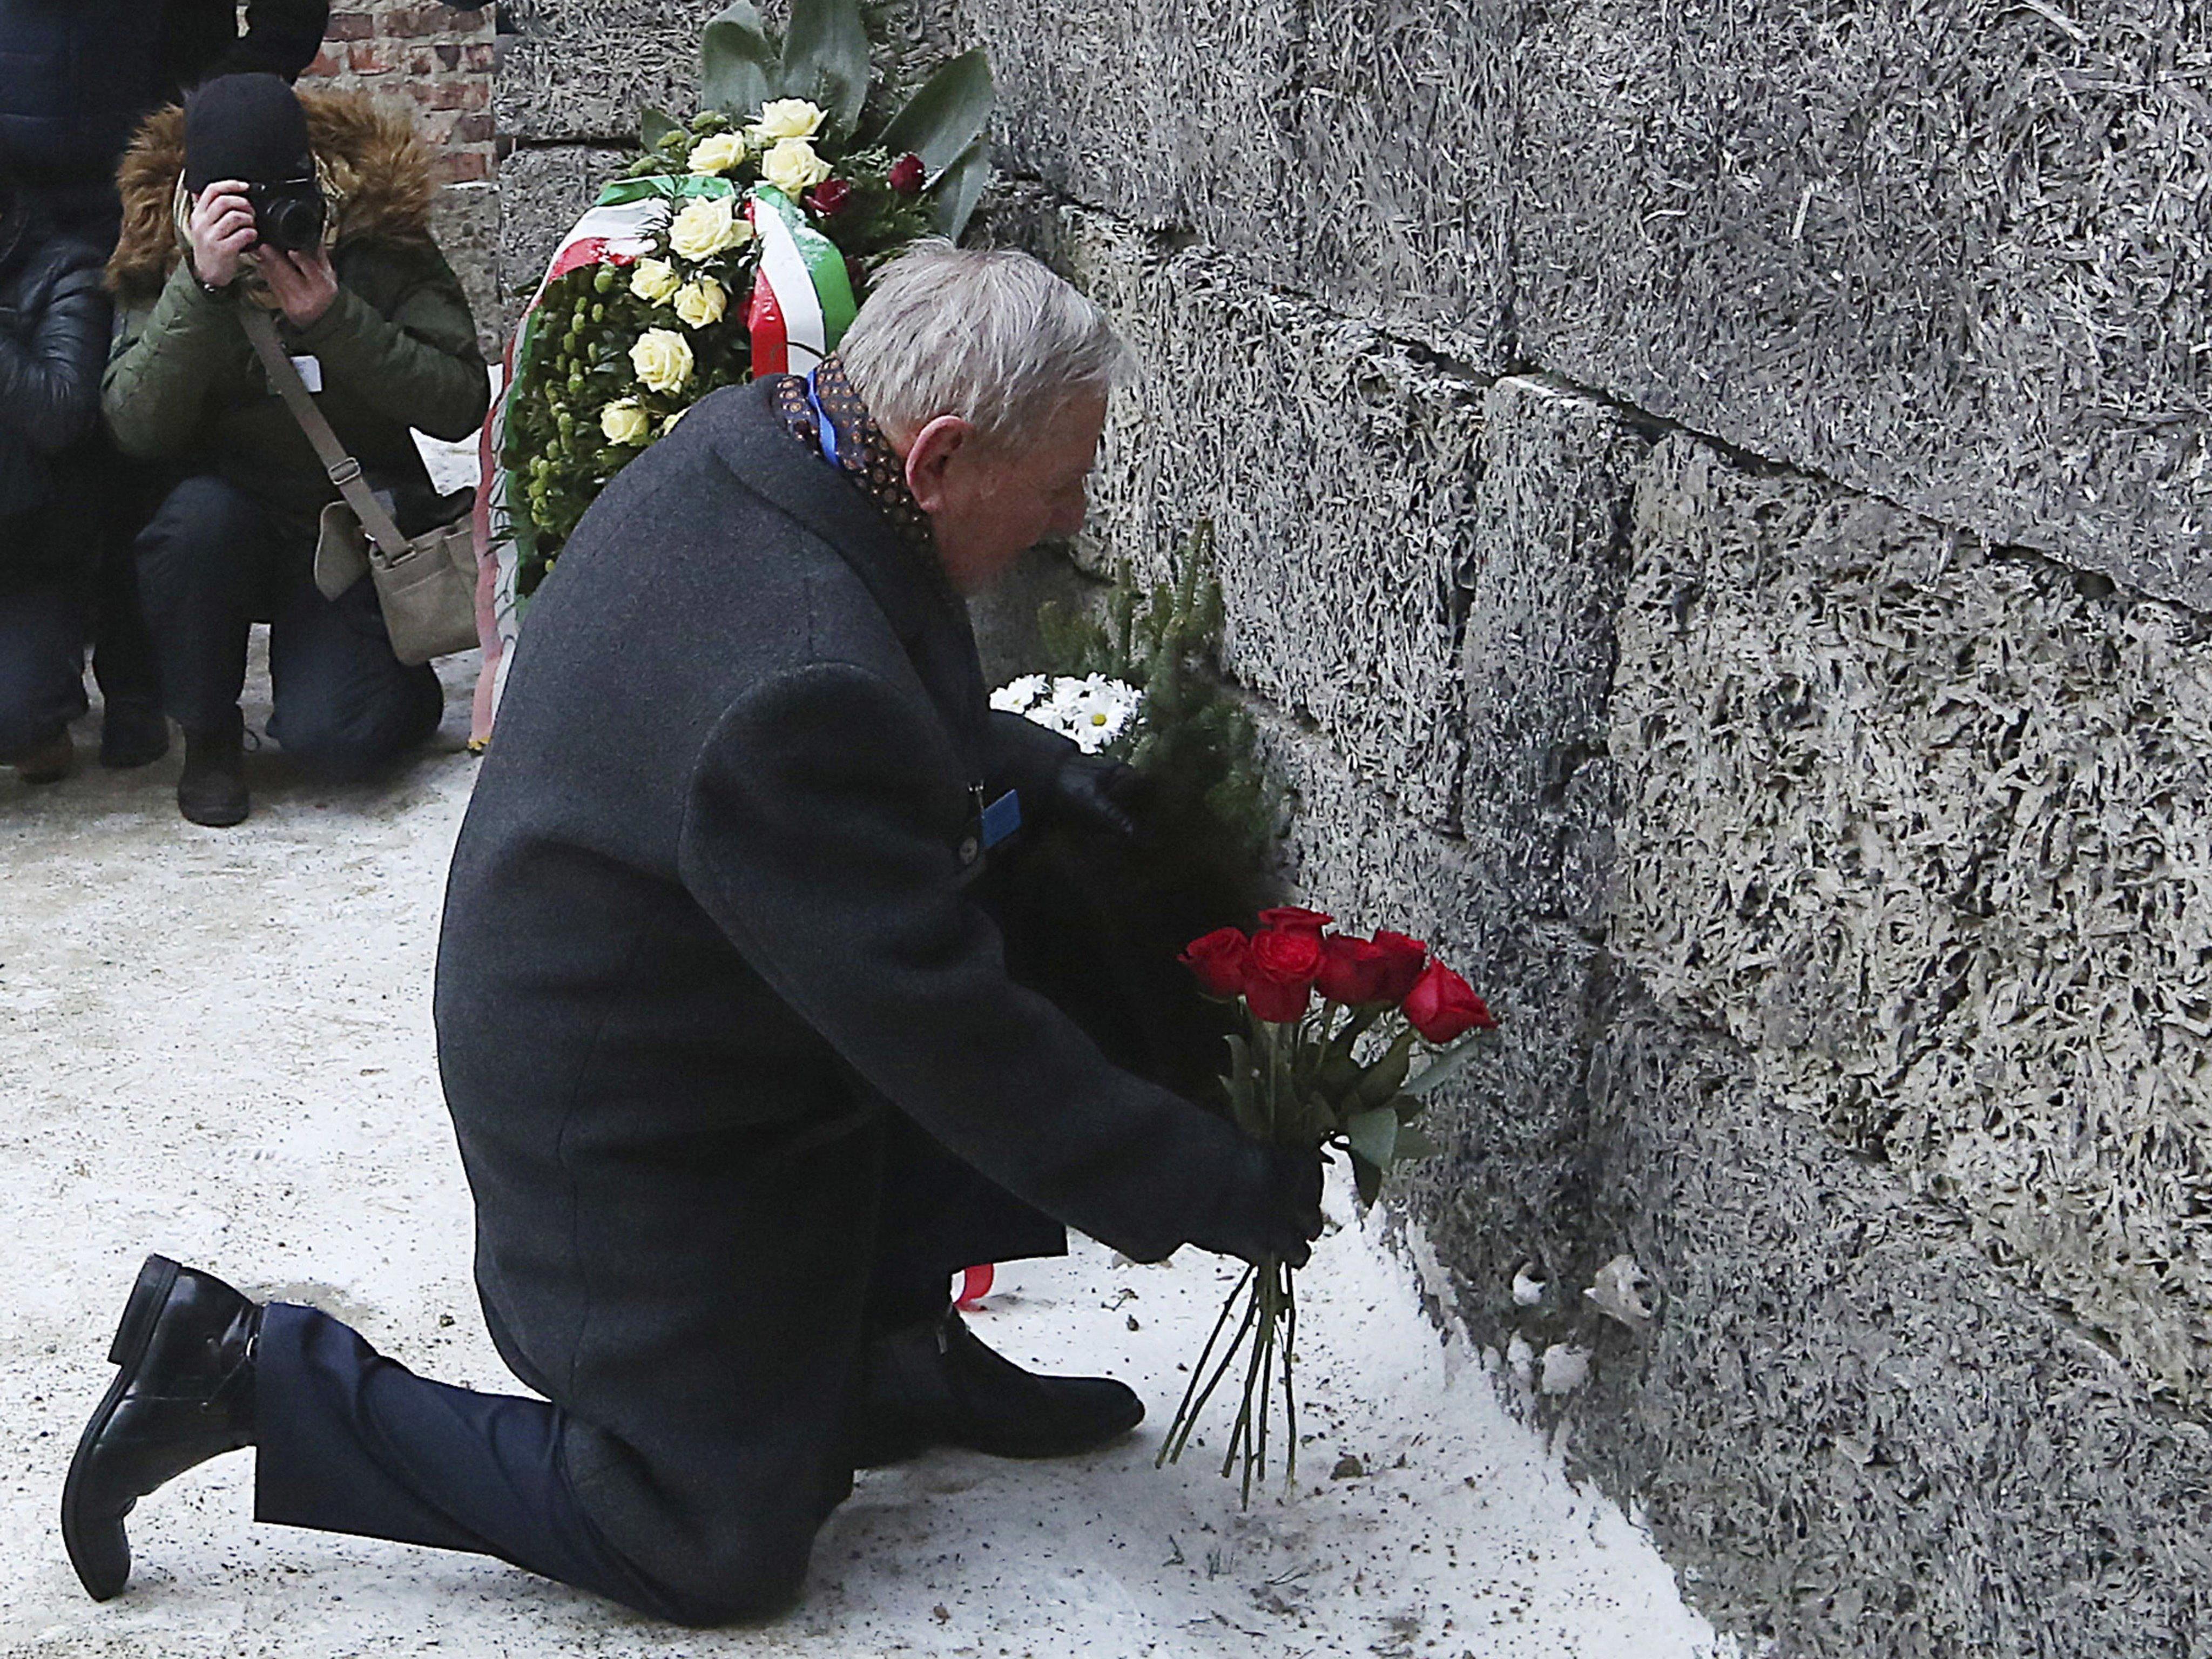 Ein Auschwitz-Überlebender legt Blumen nieder.